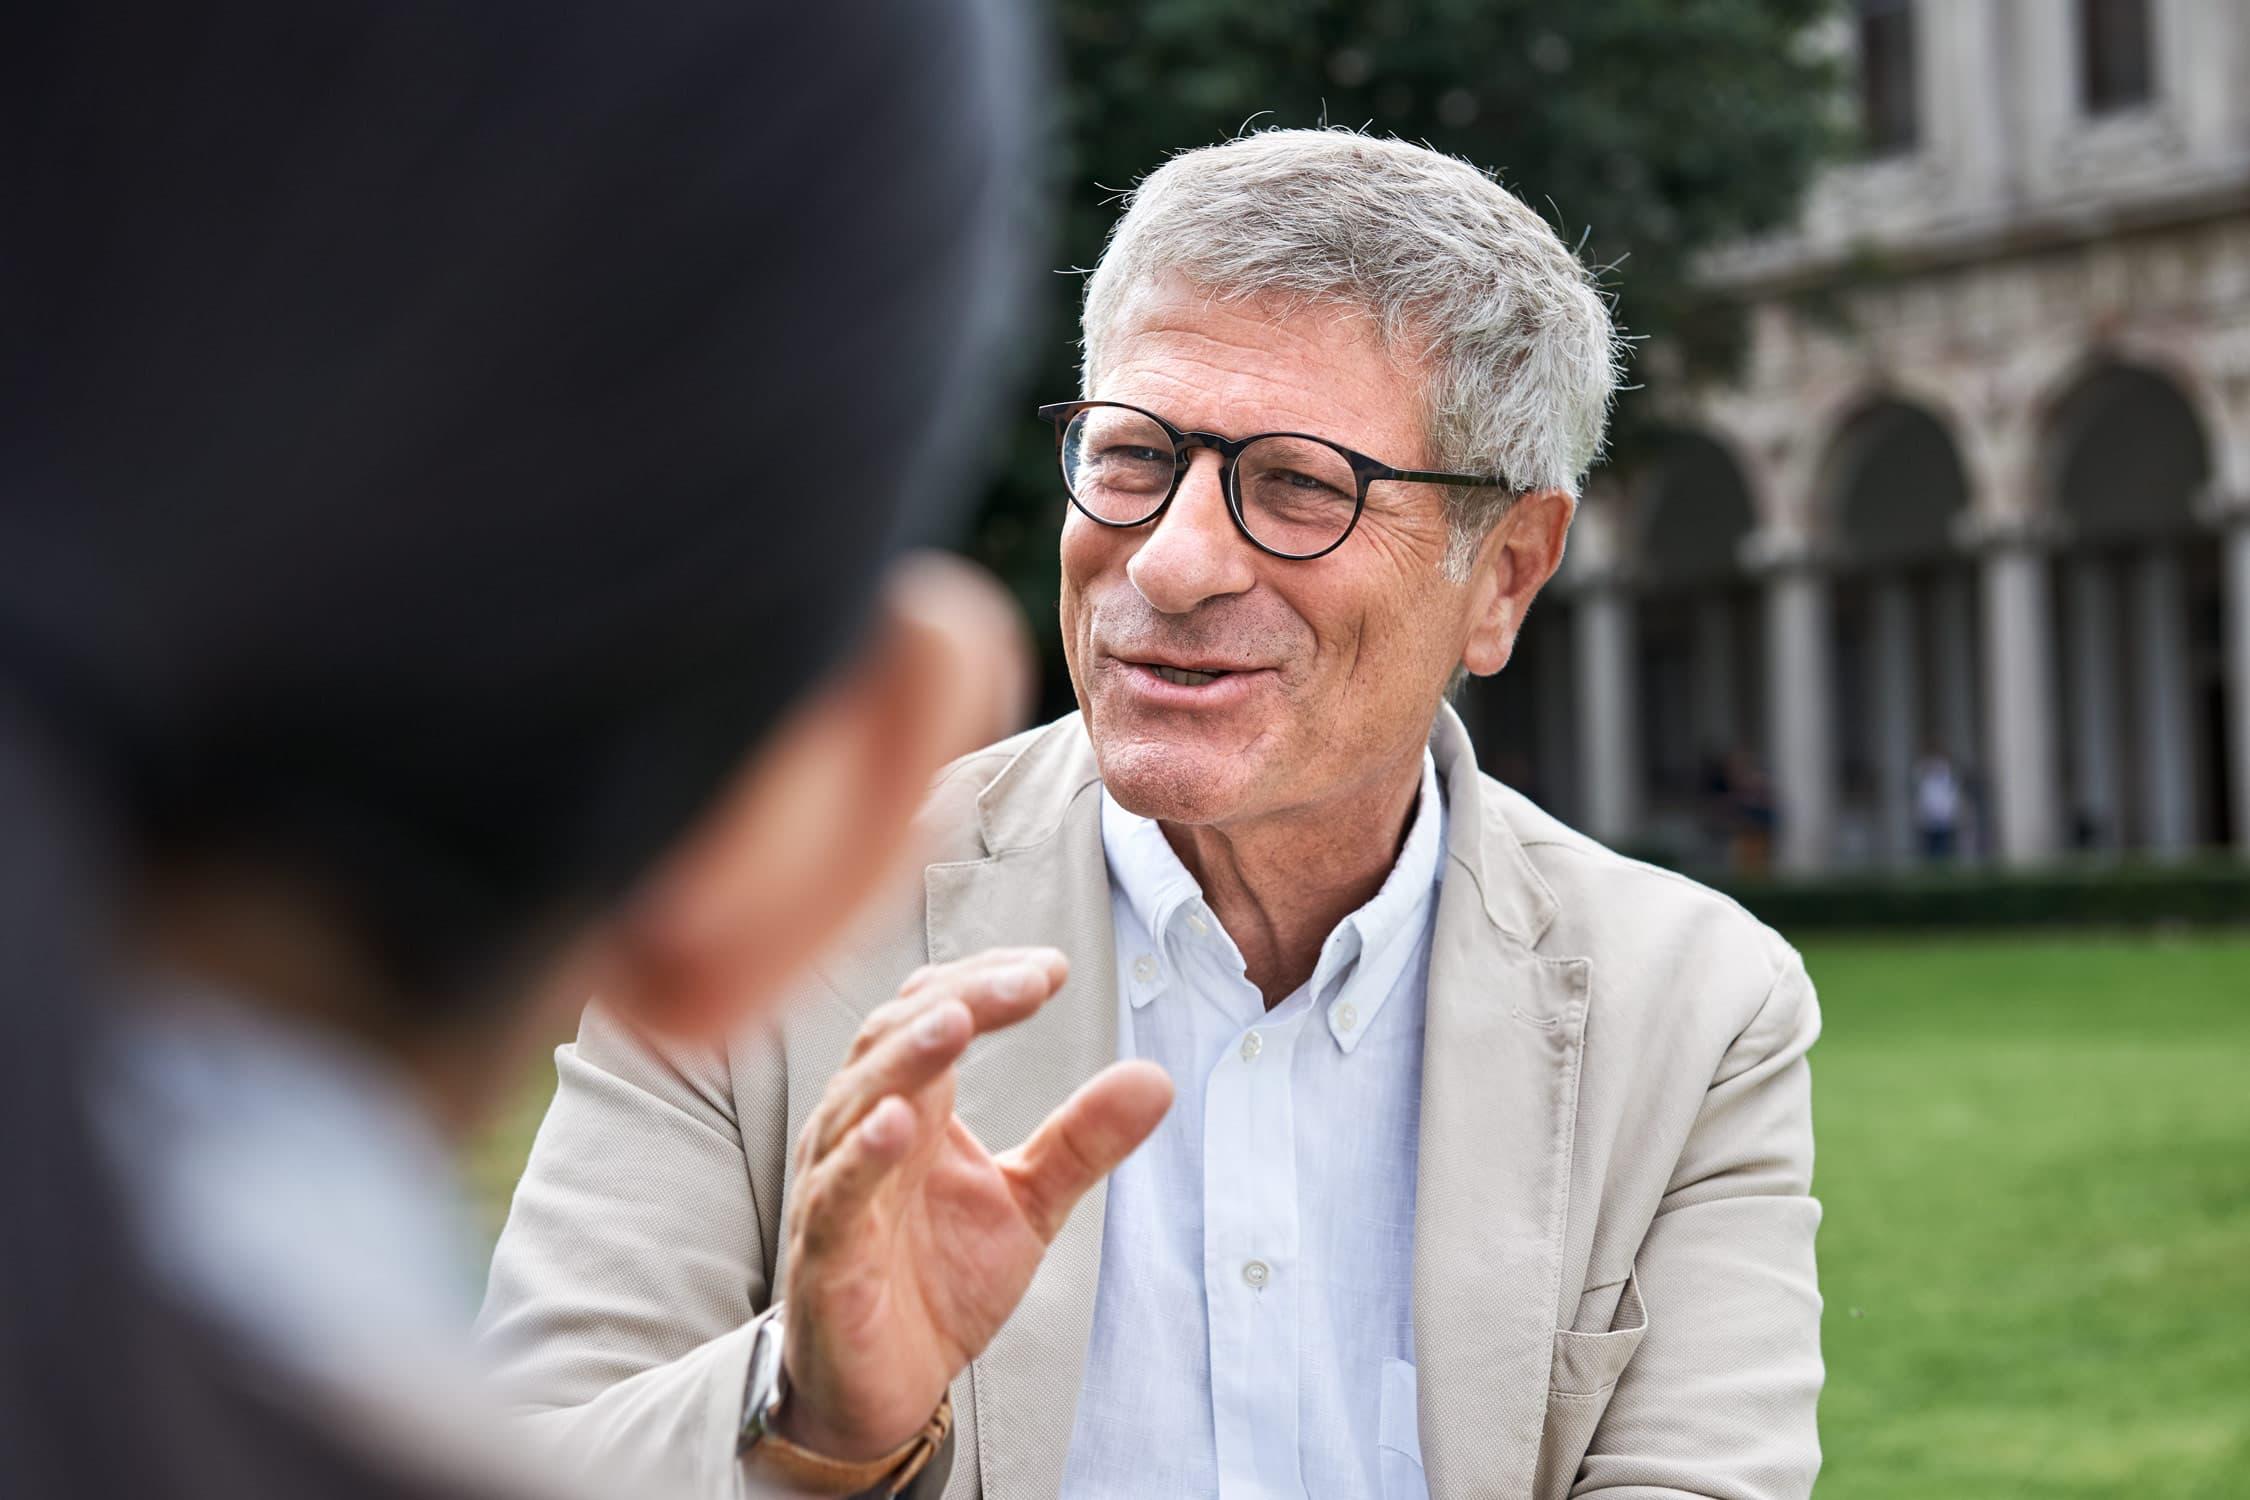 Portrait von einem Forschungsprofessor mit unscharfer Interviewpartnerin im Vordergrund